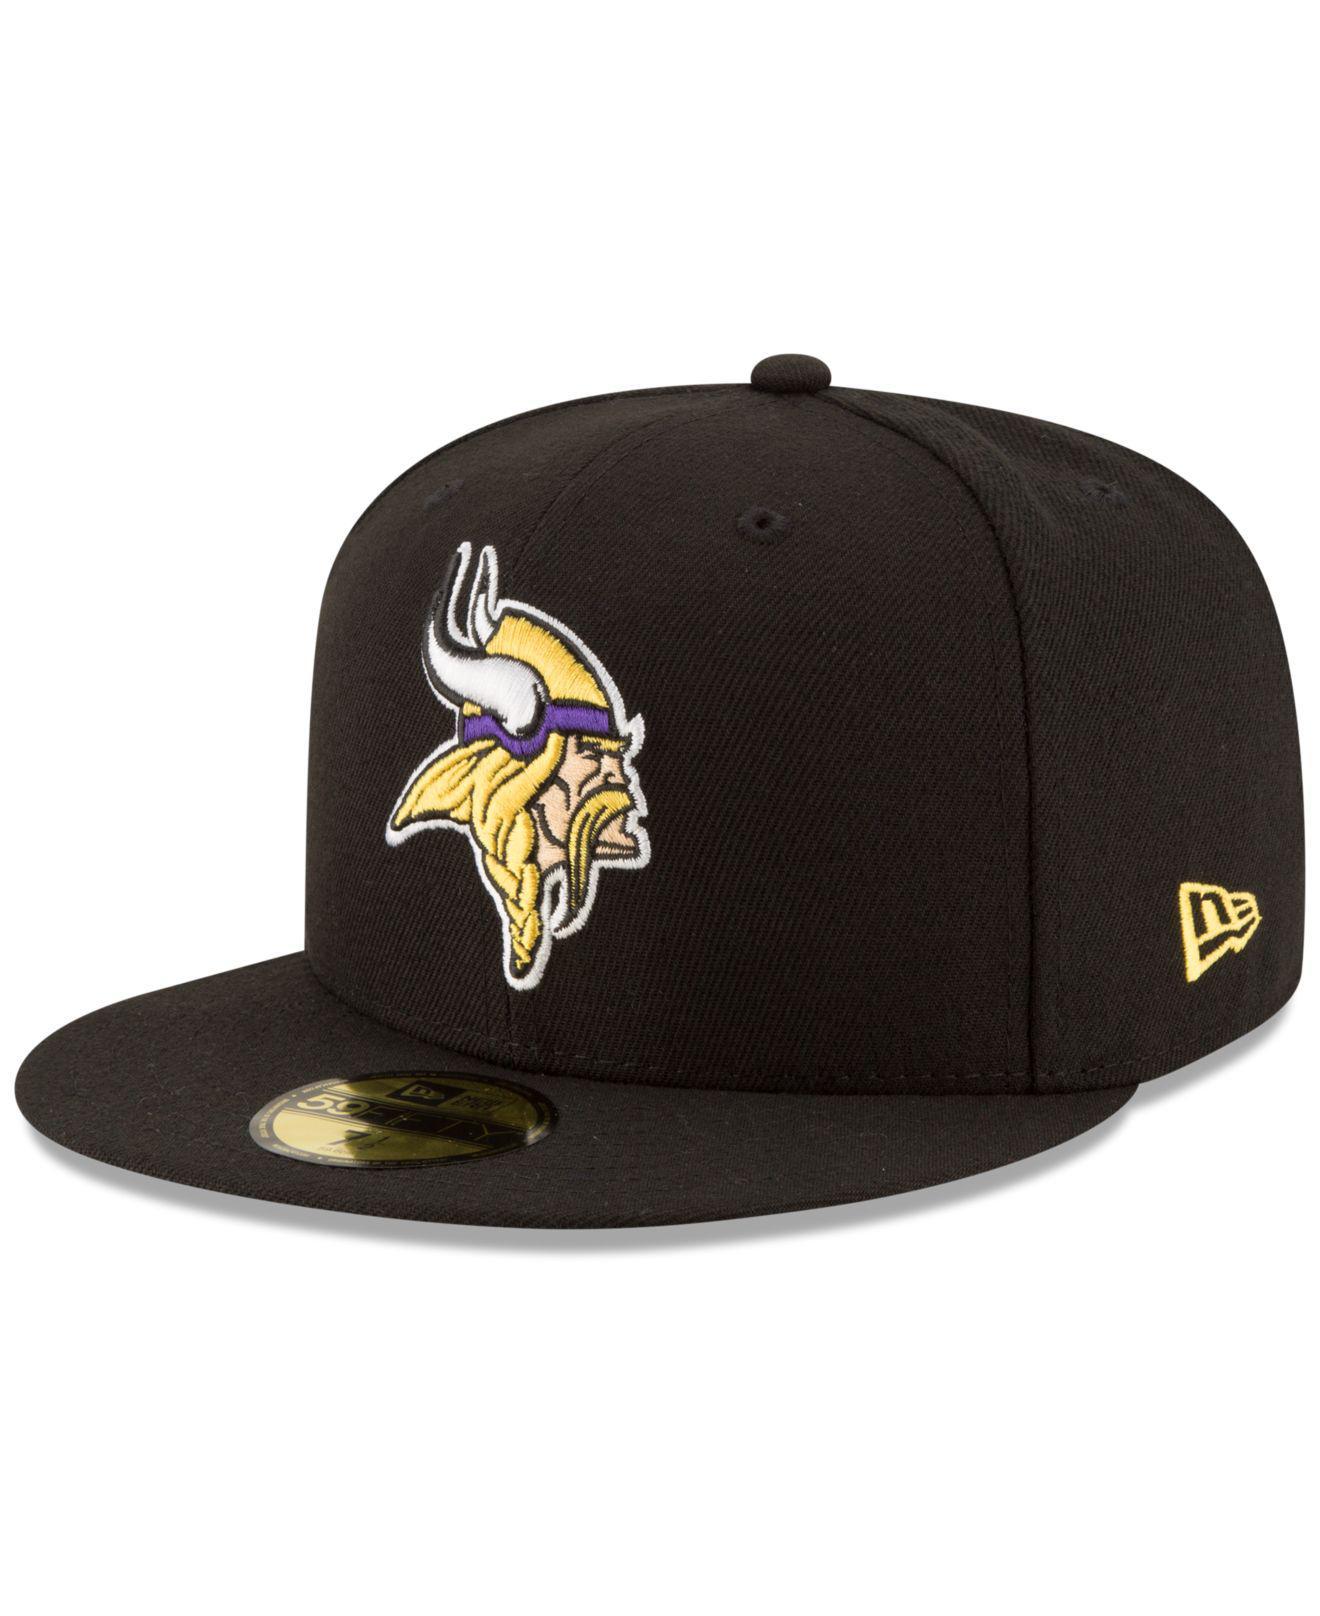 403bb62cd Lyst - Ktz Minnesota Vikings Team Basic 59fifty Cap in Black for Men